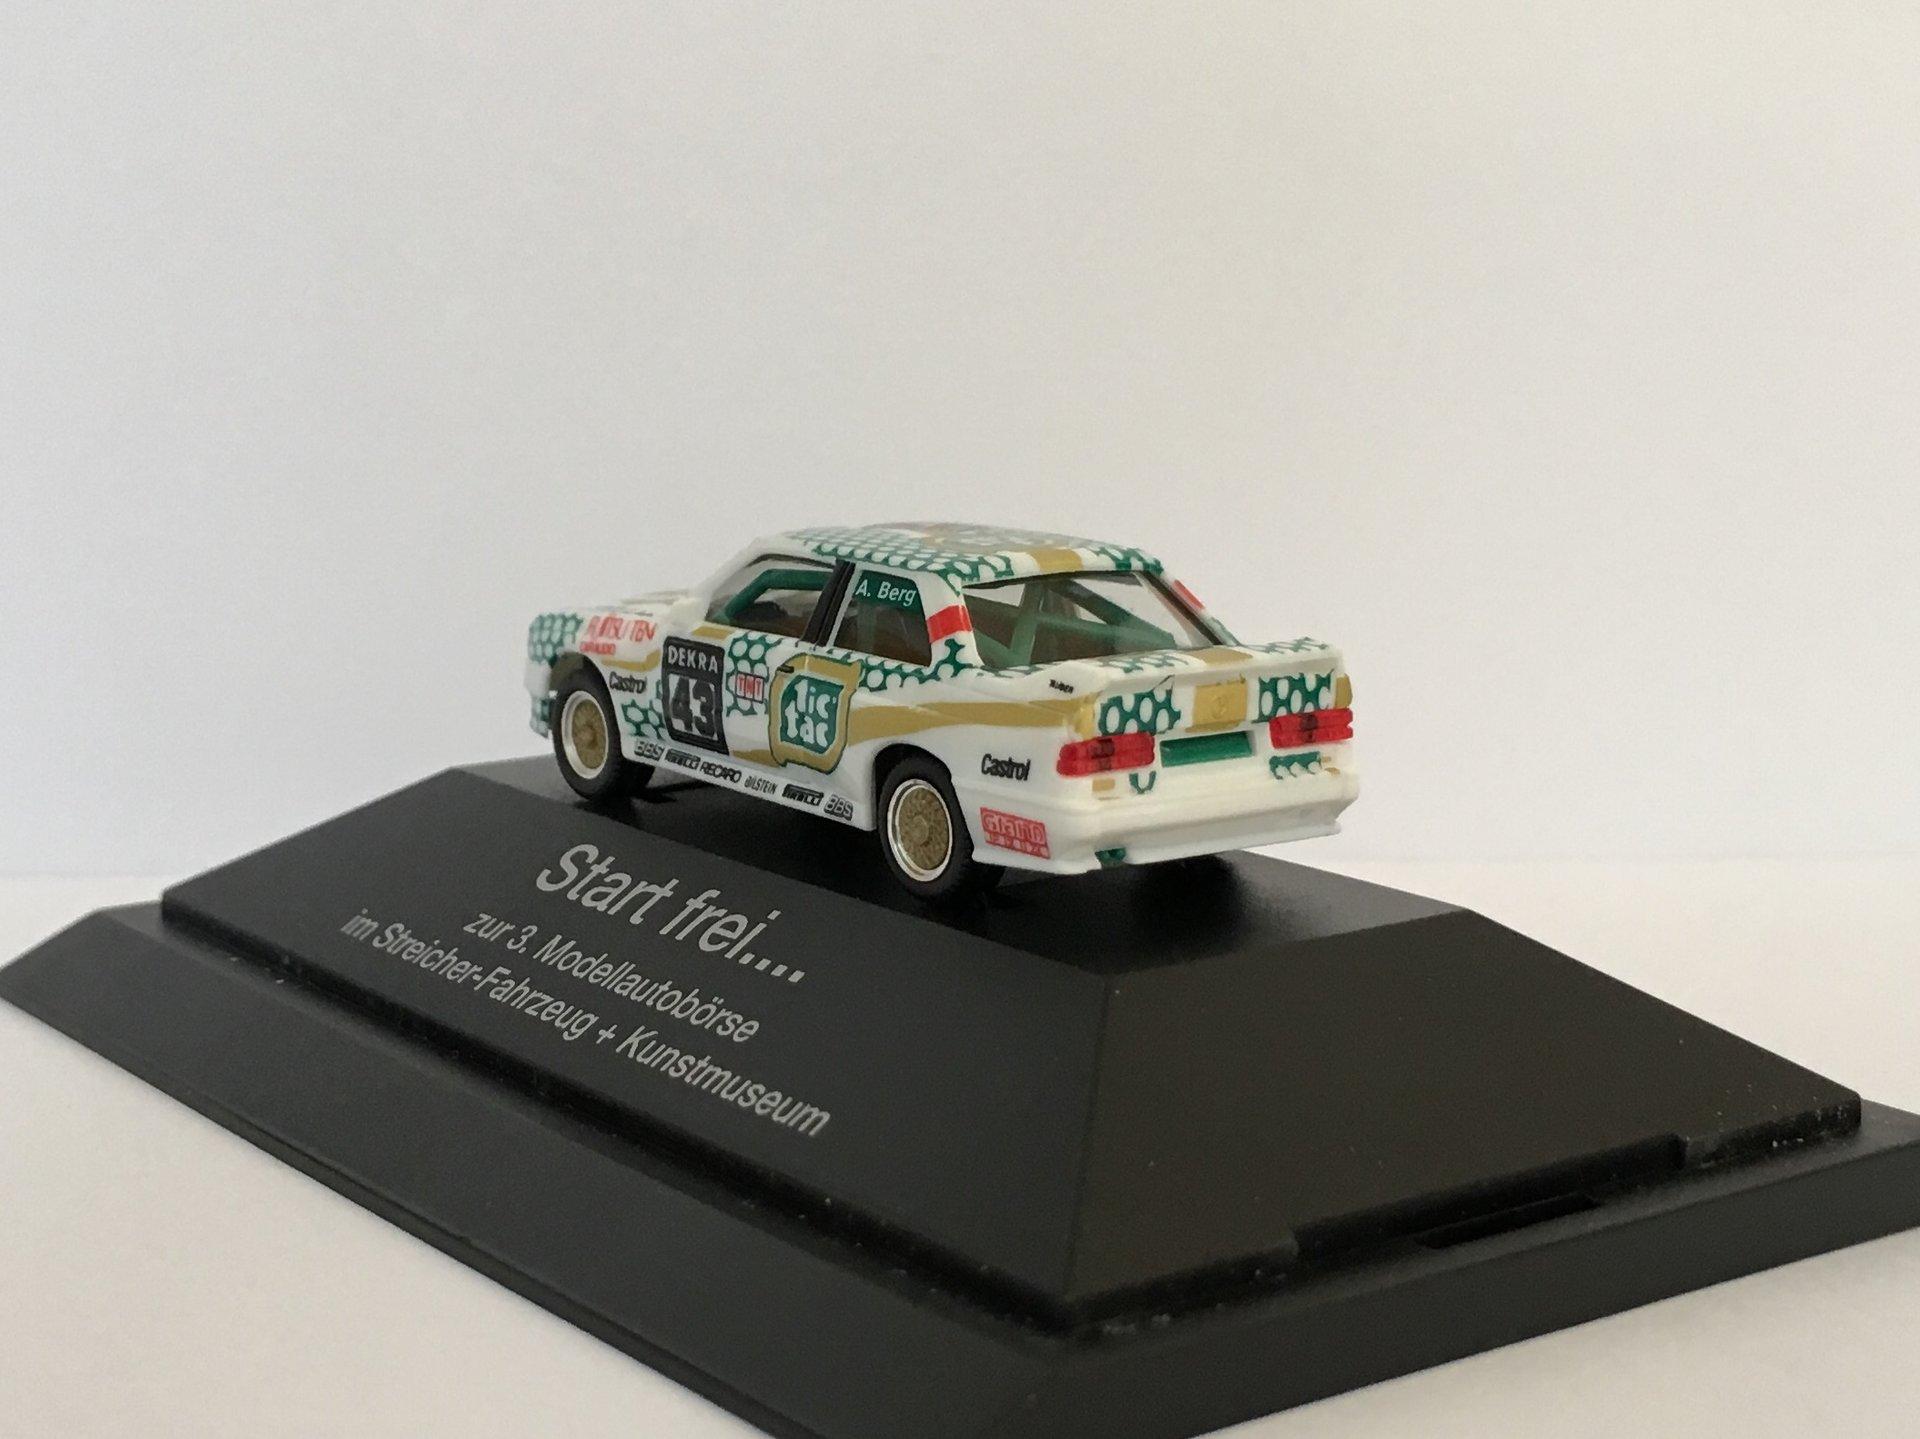 BMW M3 E30 Streicher No43 003.jpg